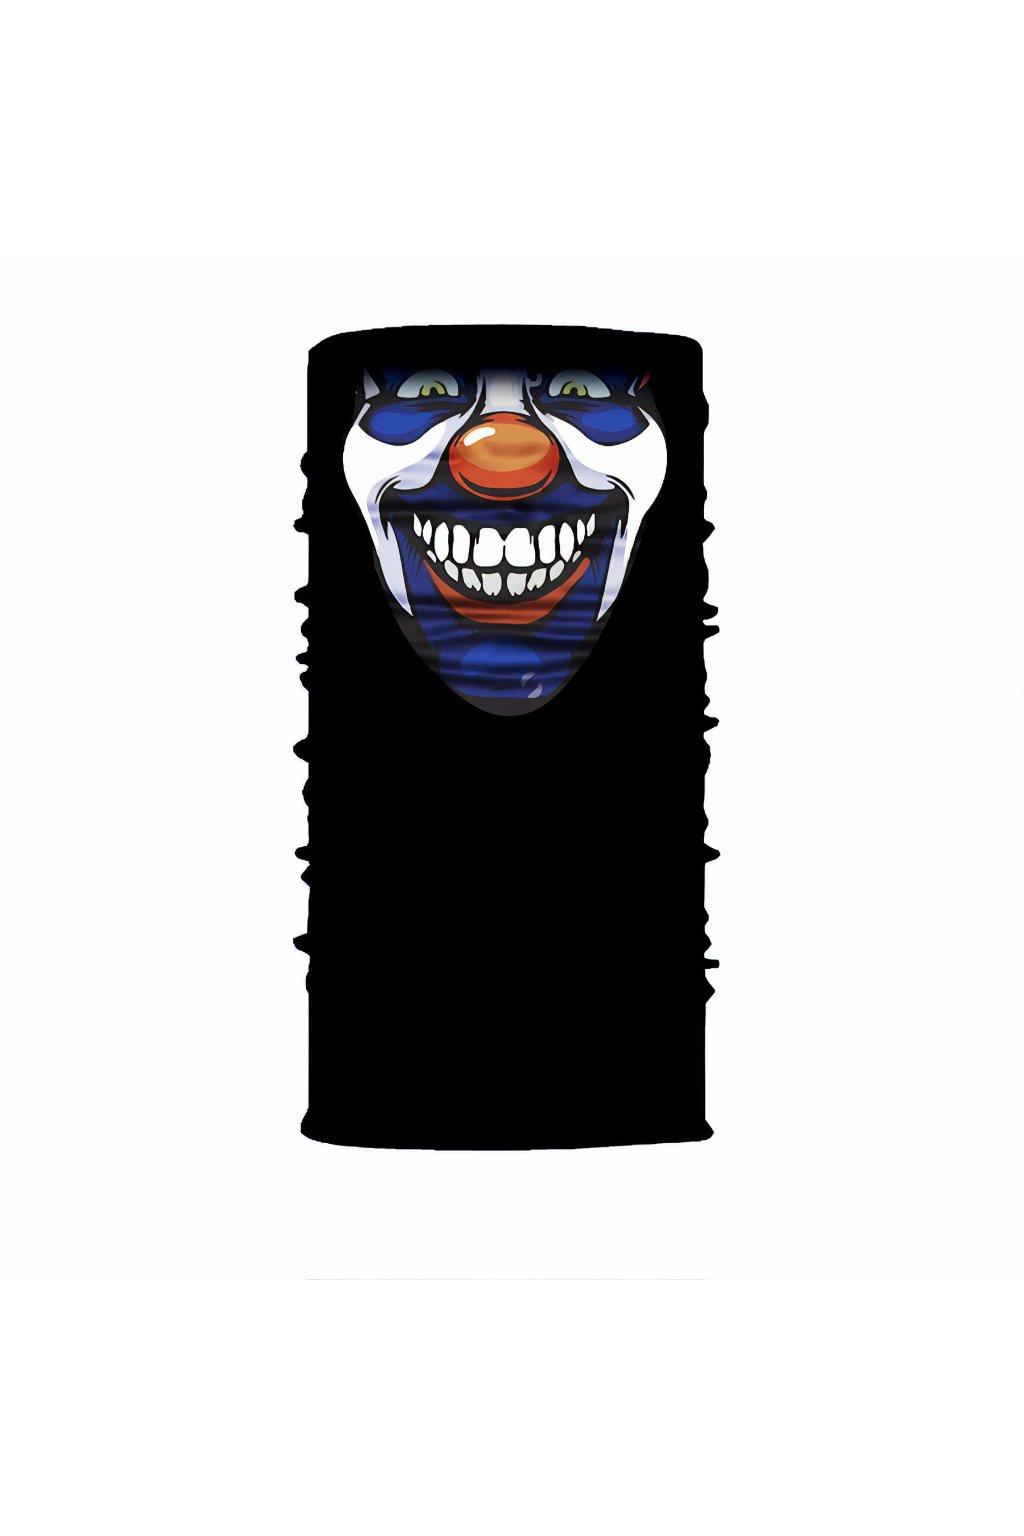 vysmaty klaun